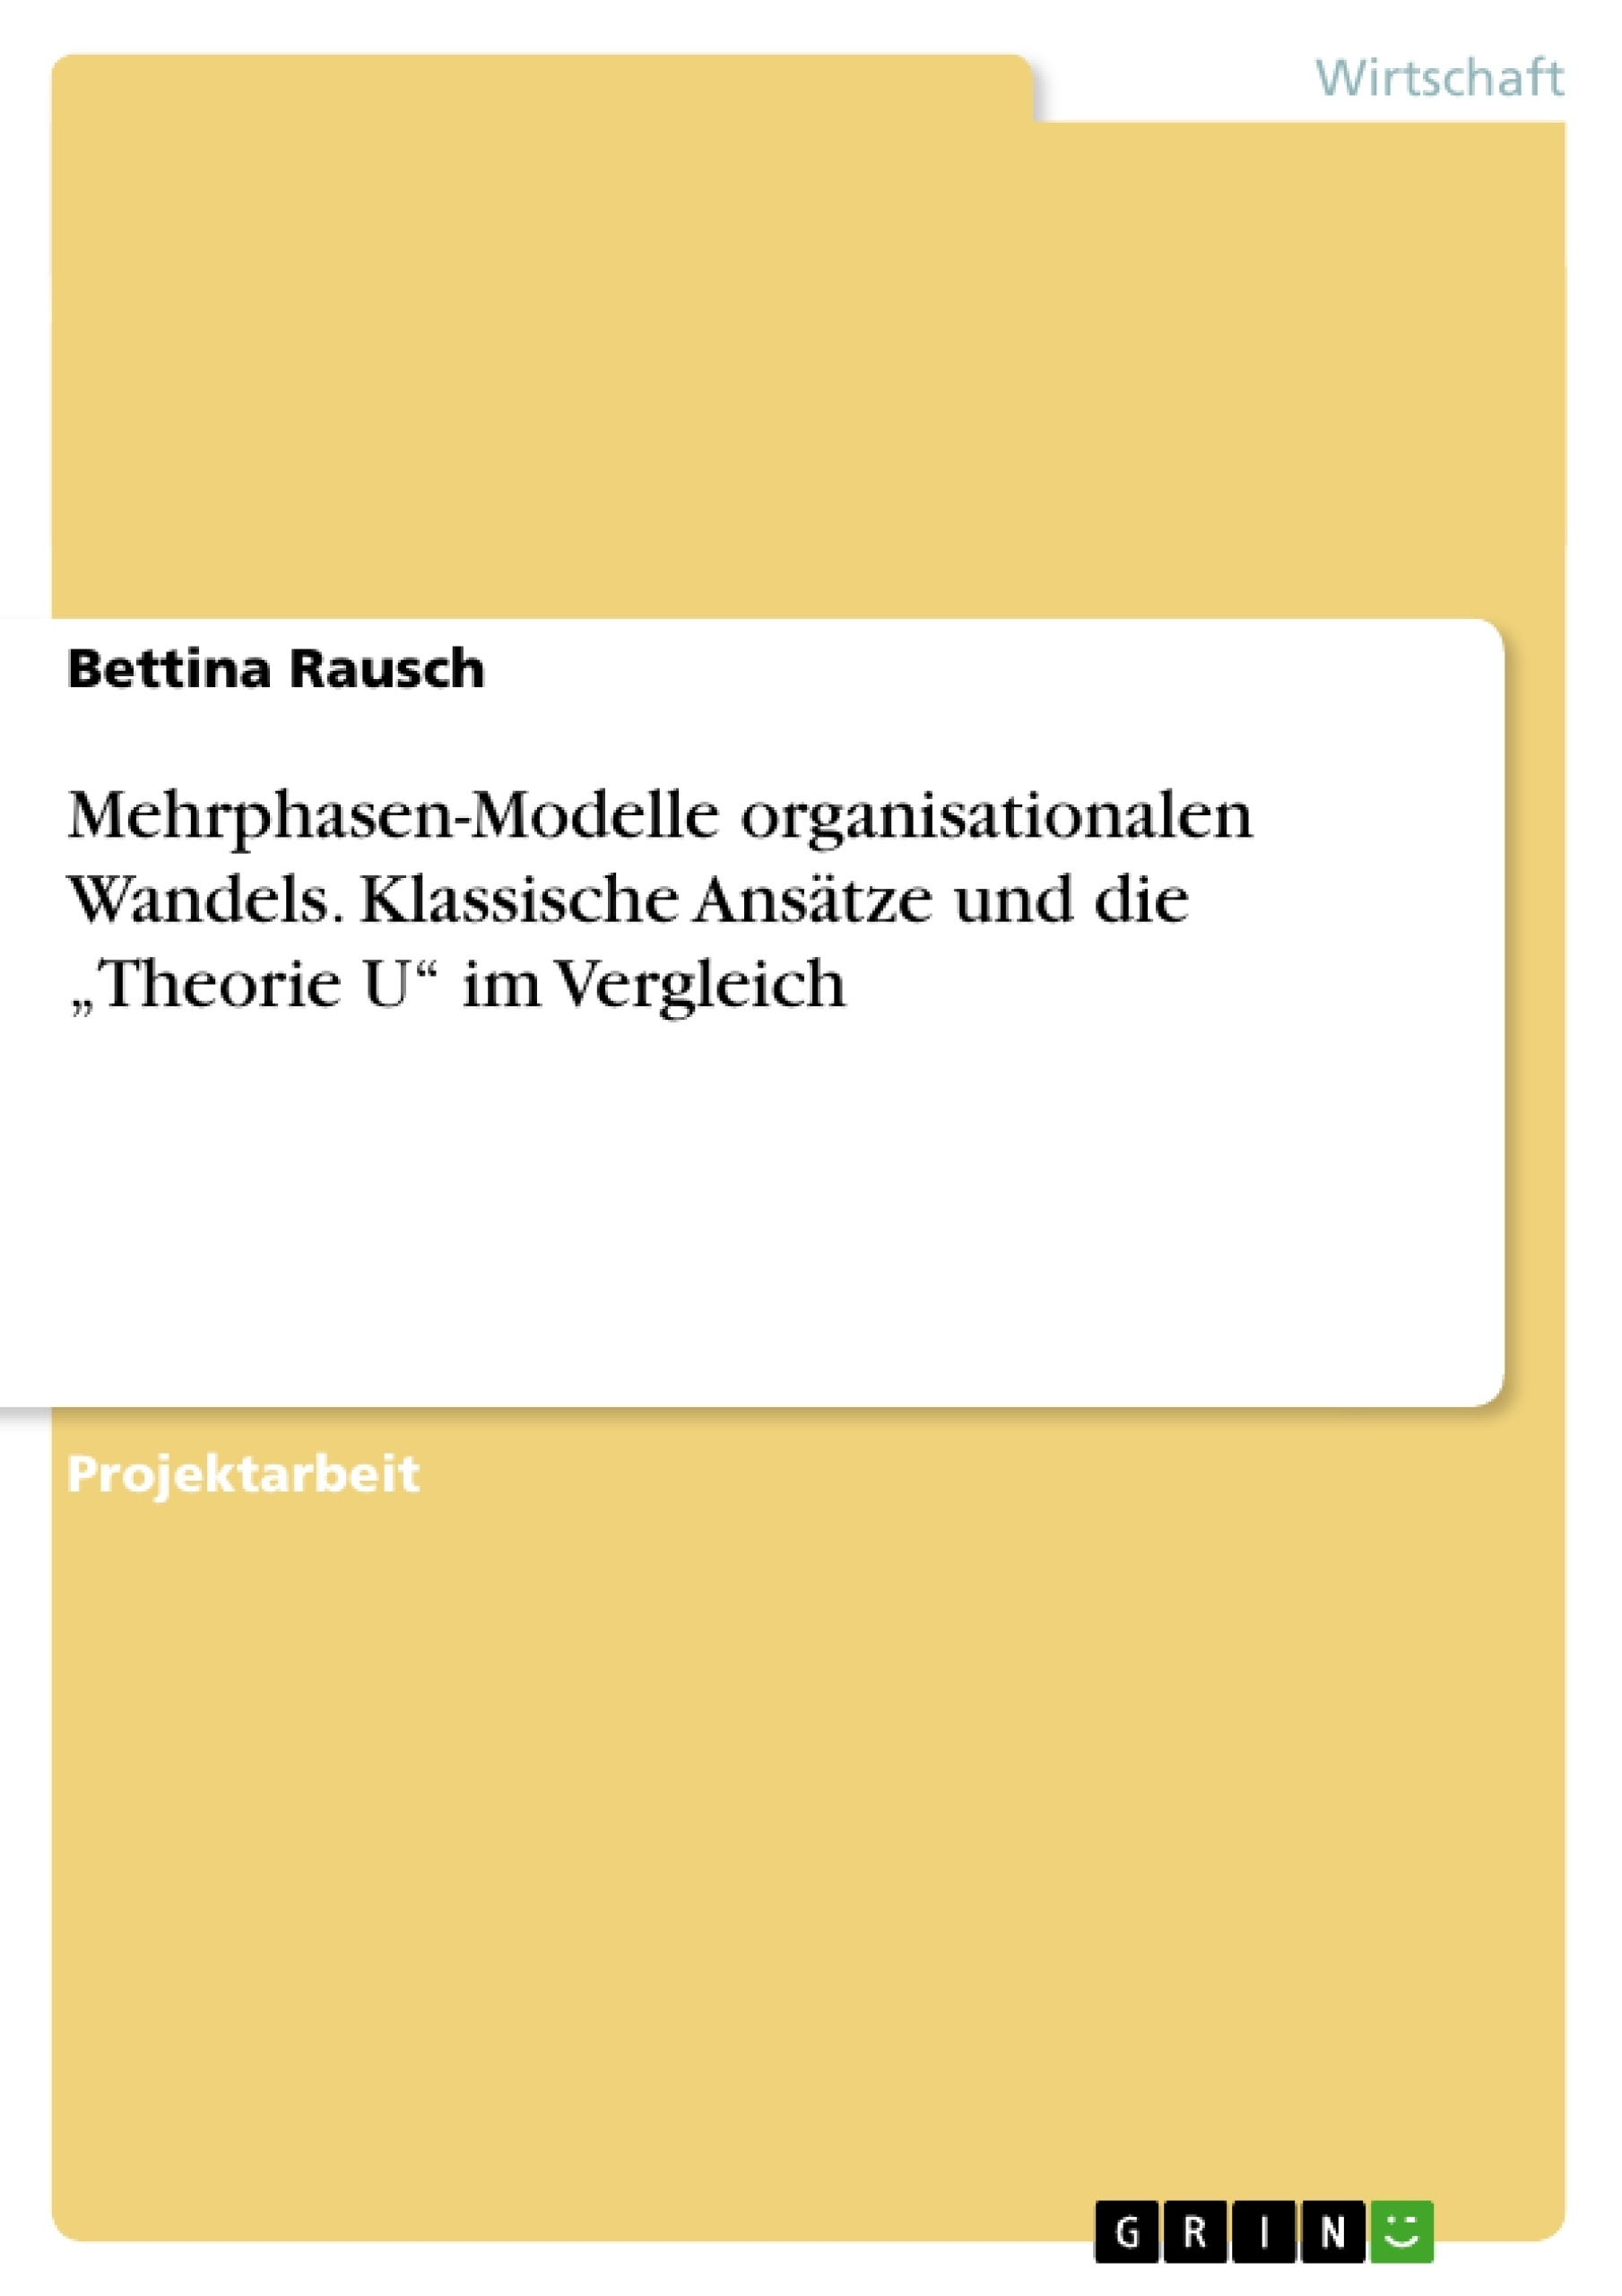 """Titel: Mehrphasen-Modelle organisationalen Wandels. Klassische Ansätze und die """"Theorie U"""" im Vergleich"""